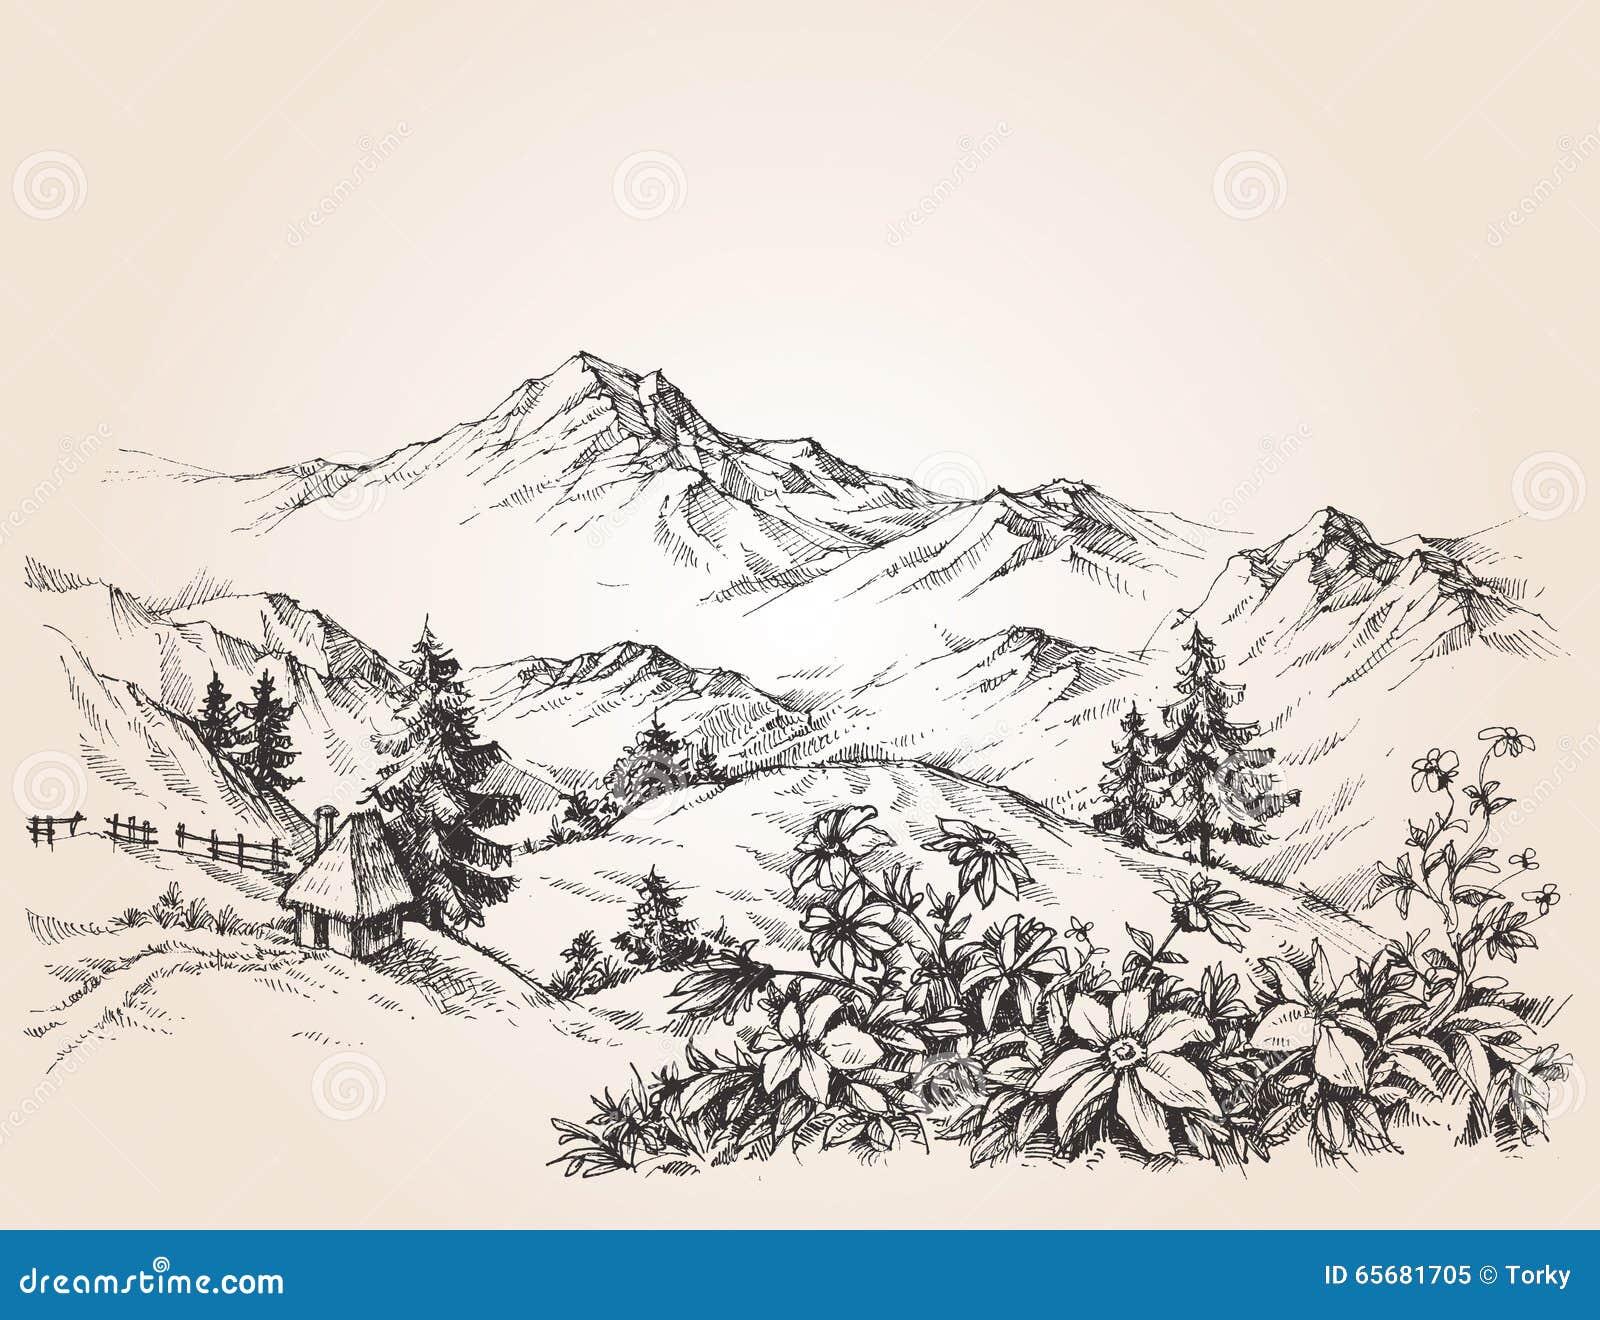 山风景剪影 向量例证 插画 包括有 山风景剪影  65681705